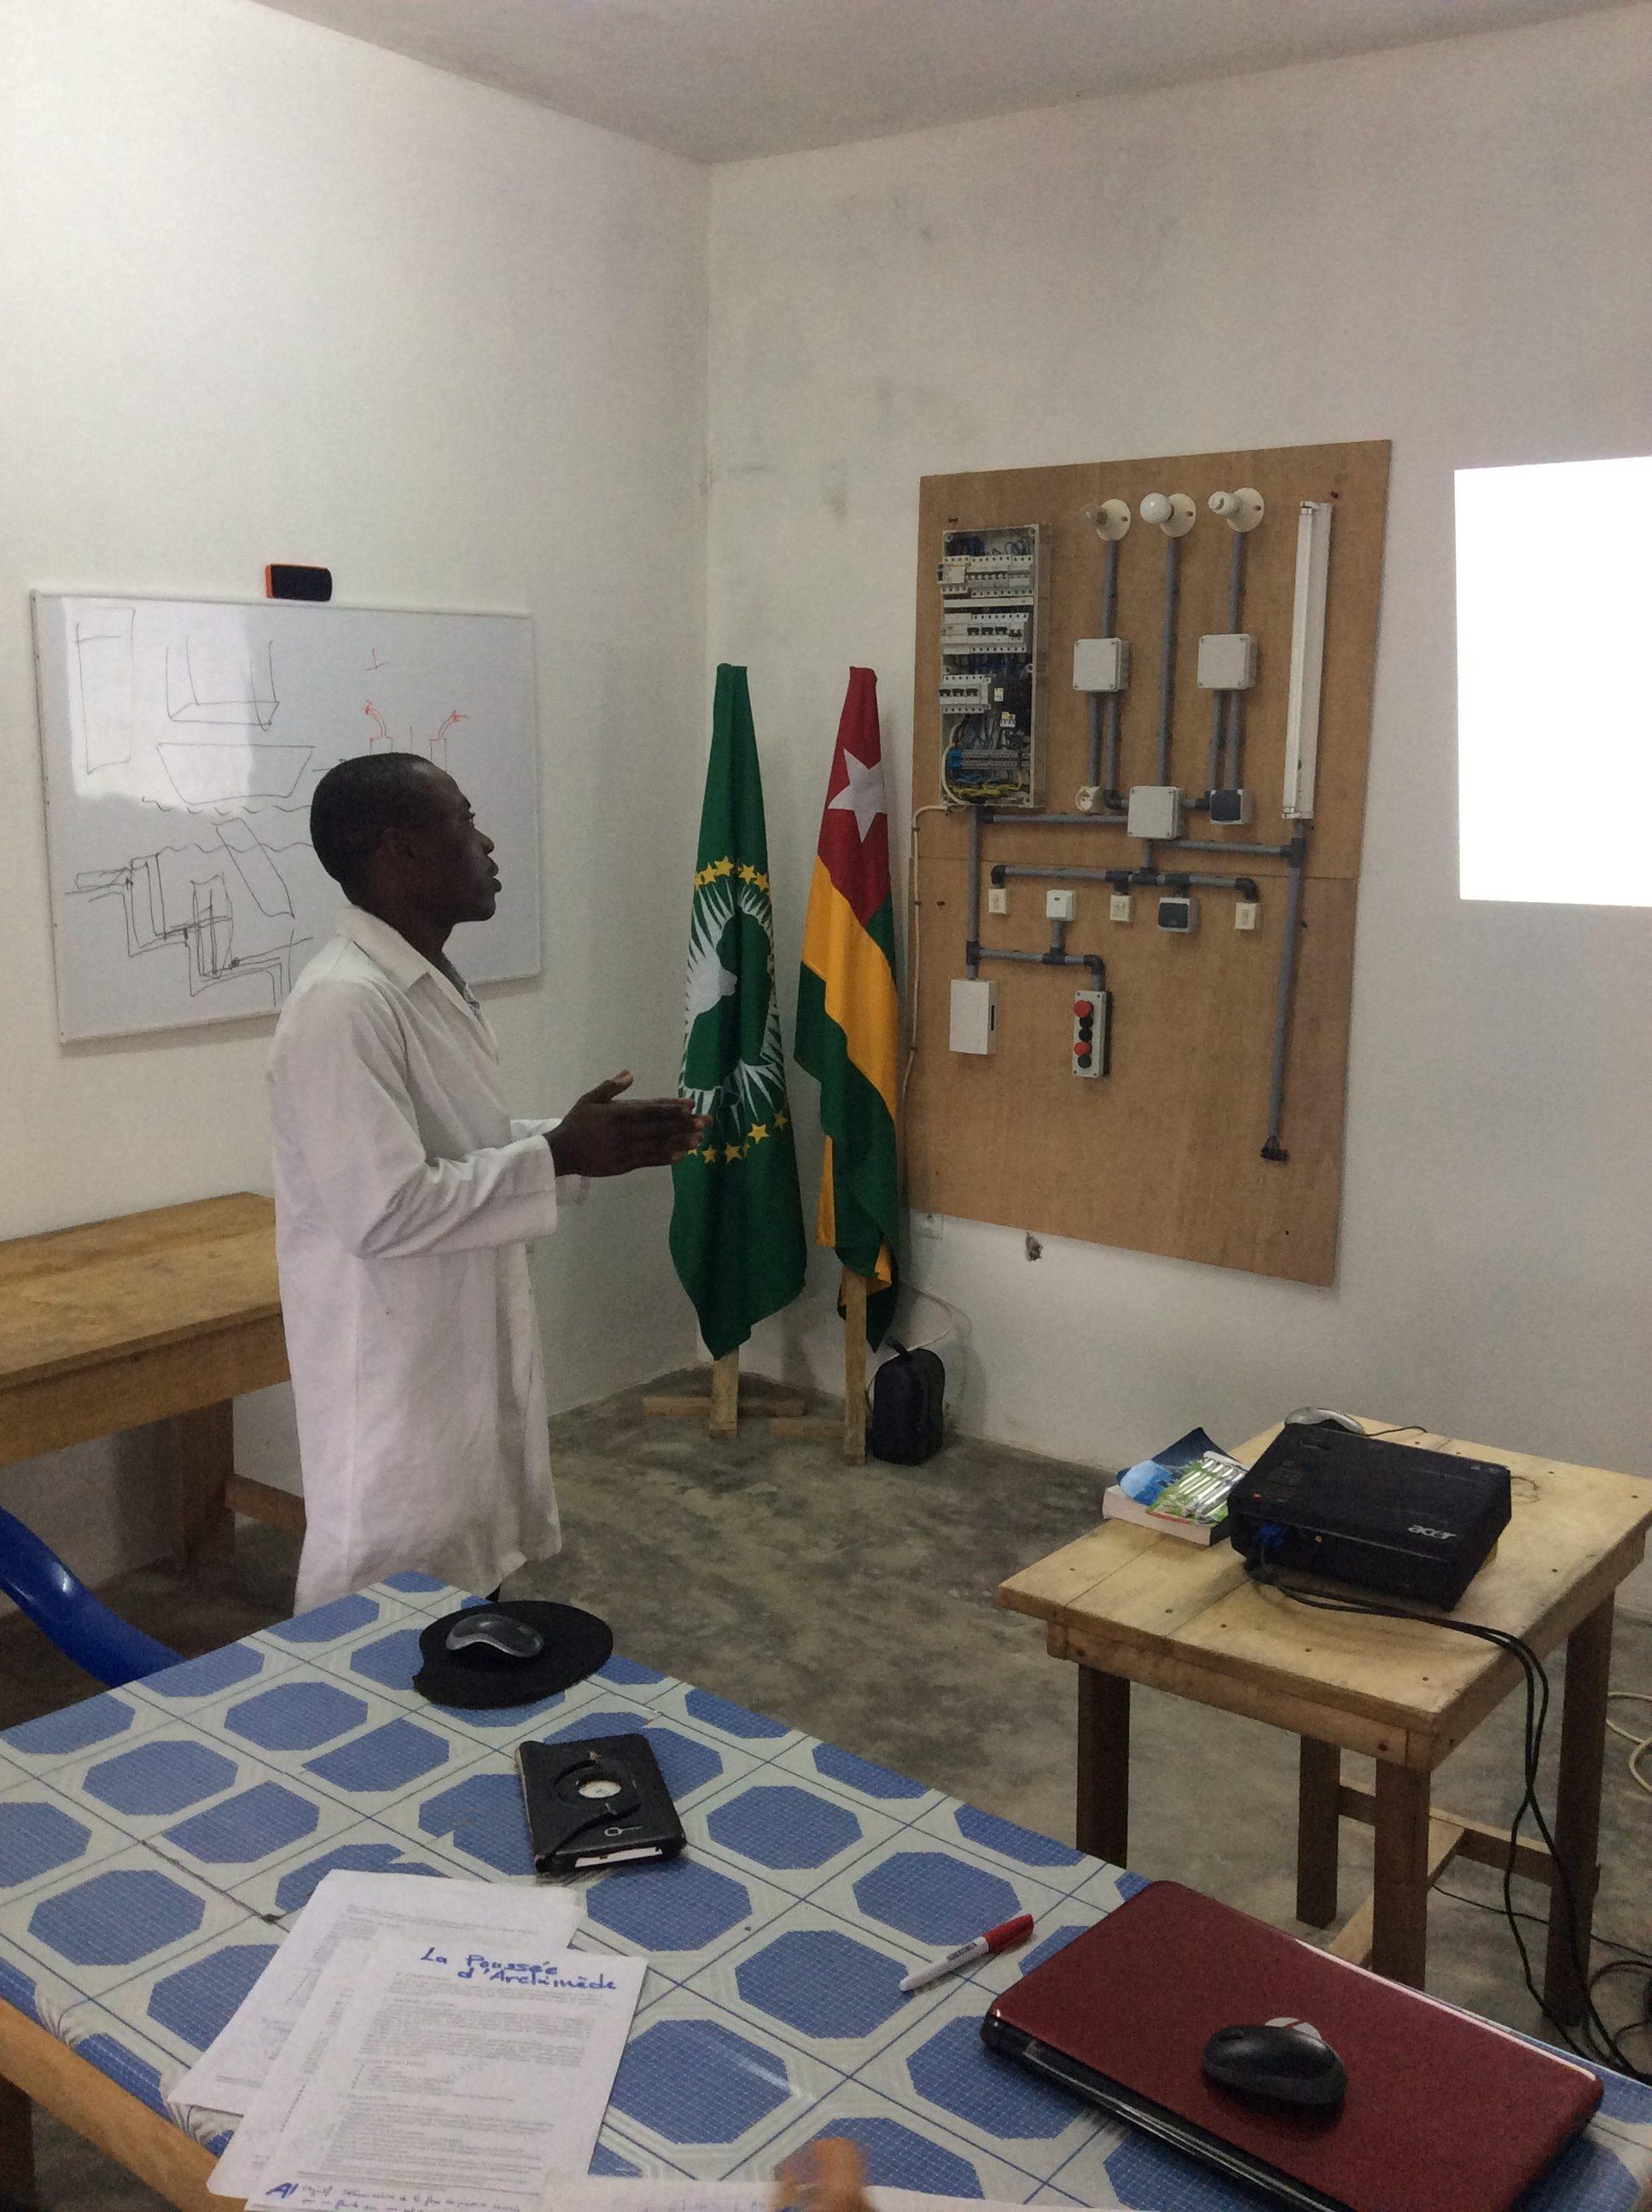 http://www.africadeveloppement.org/wp-content/uploads/2017/09/IMG_0778-e1504640039511.jpg